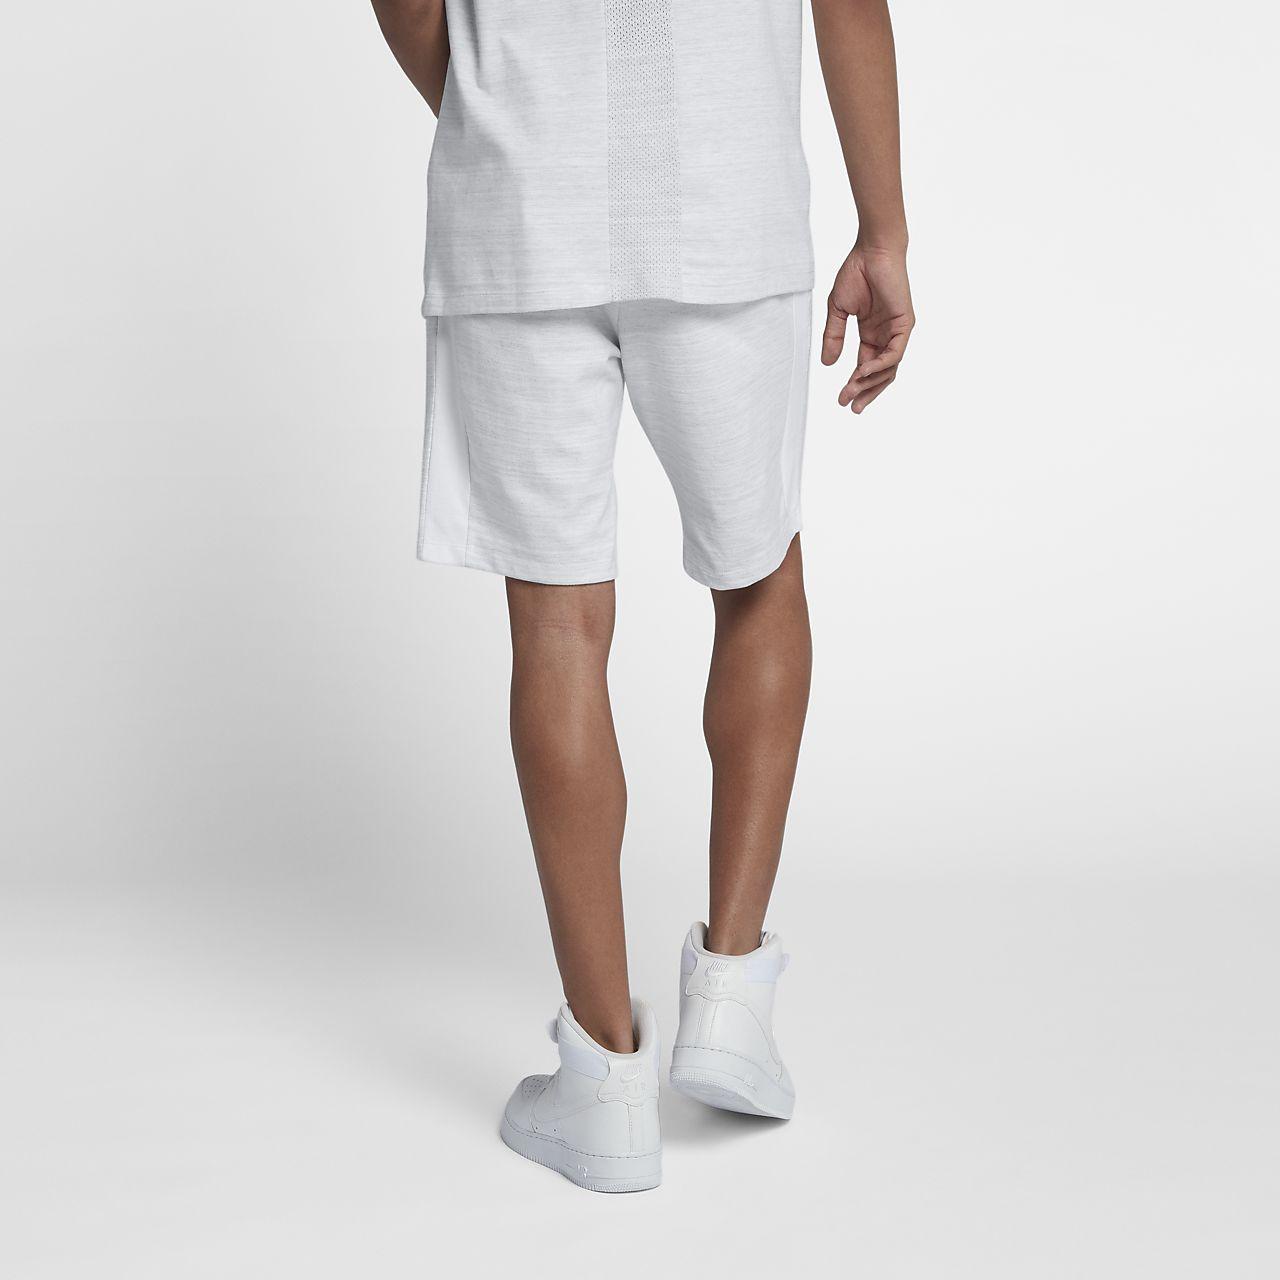 nike 09 shorts